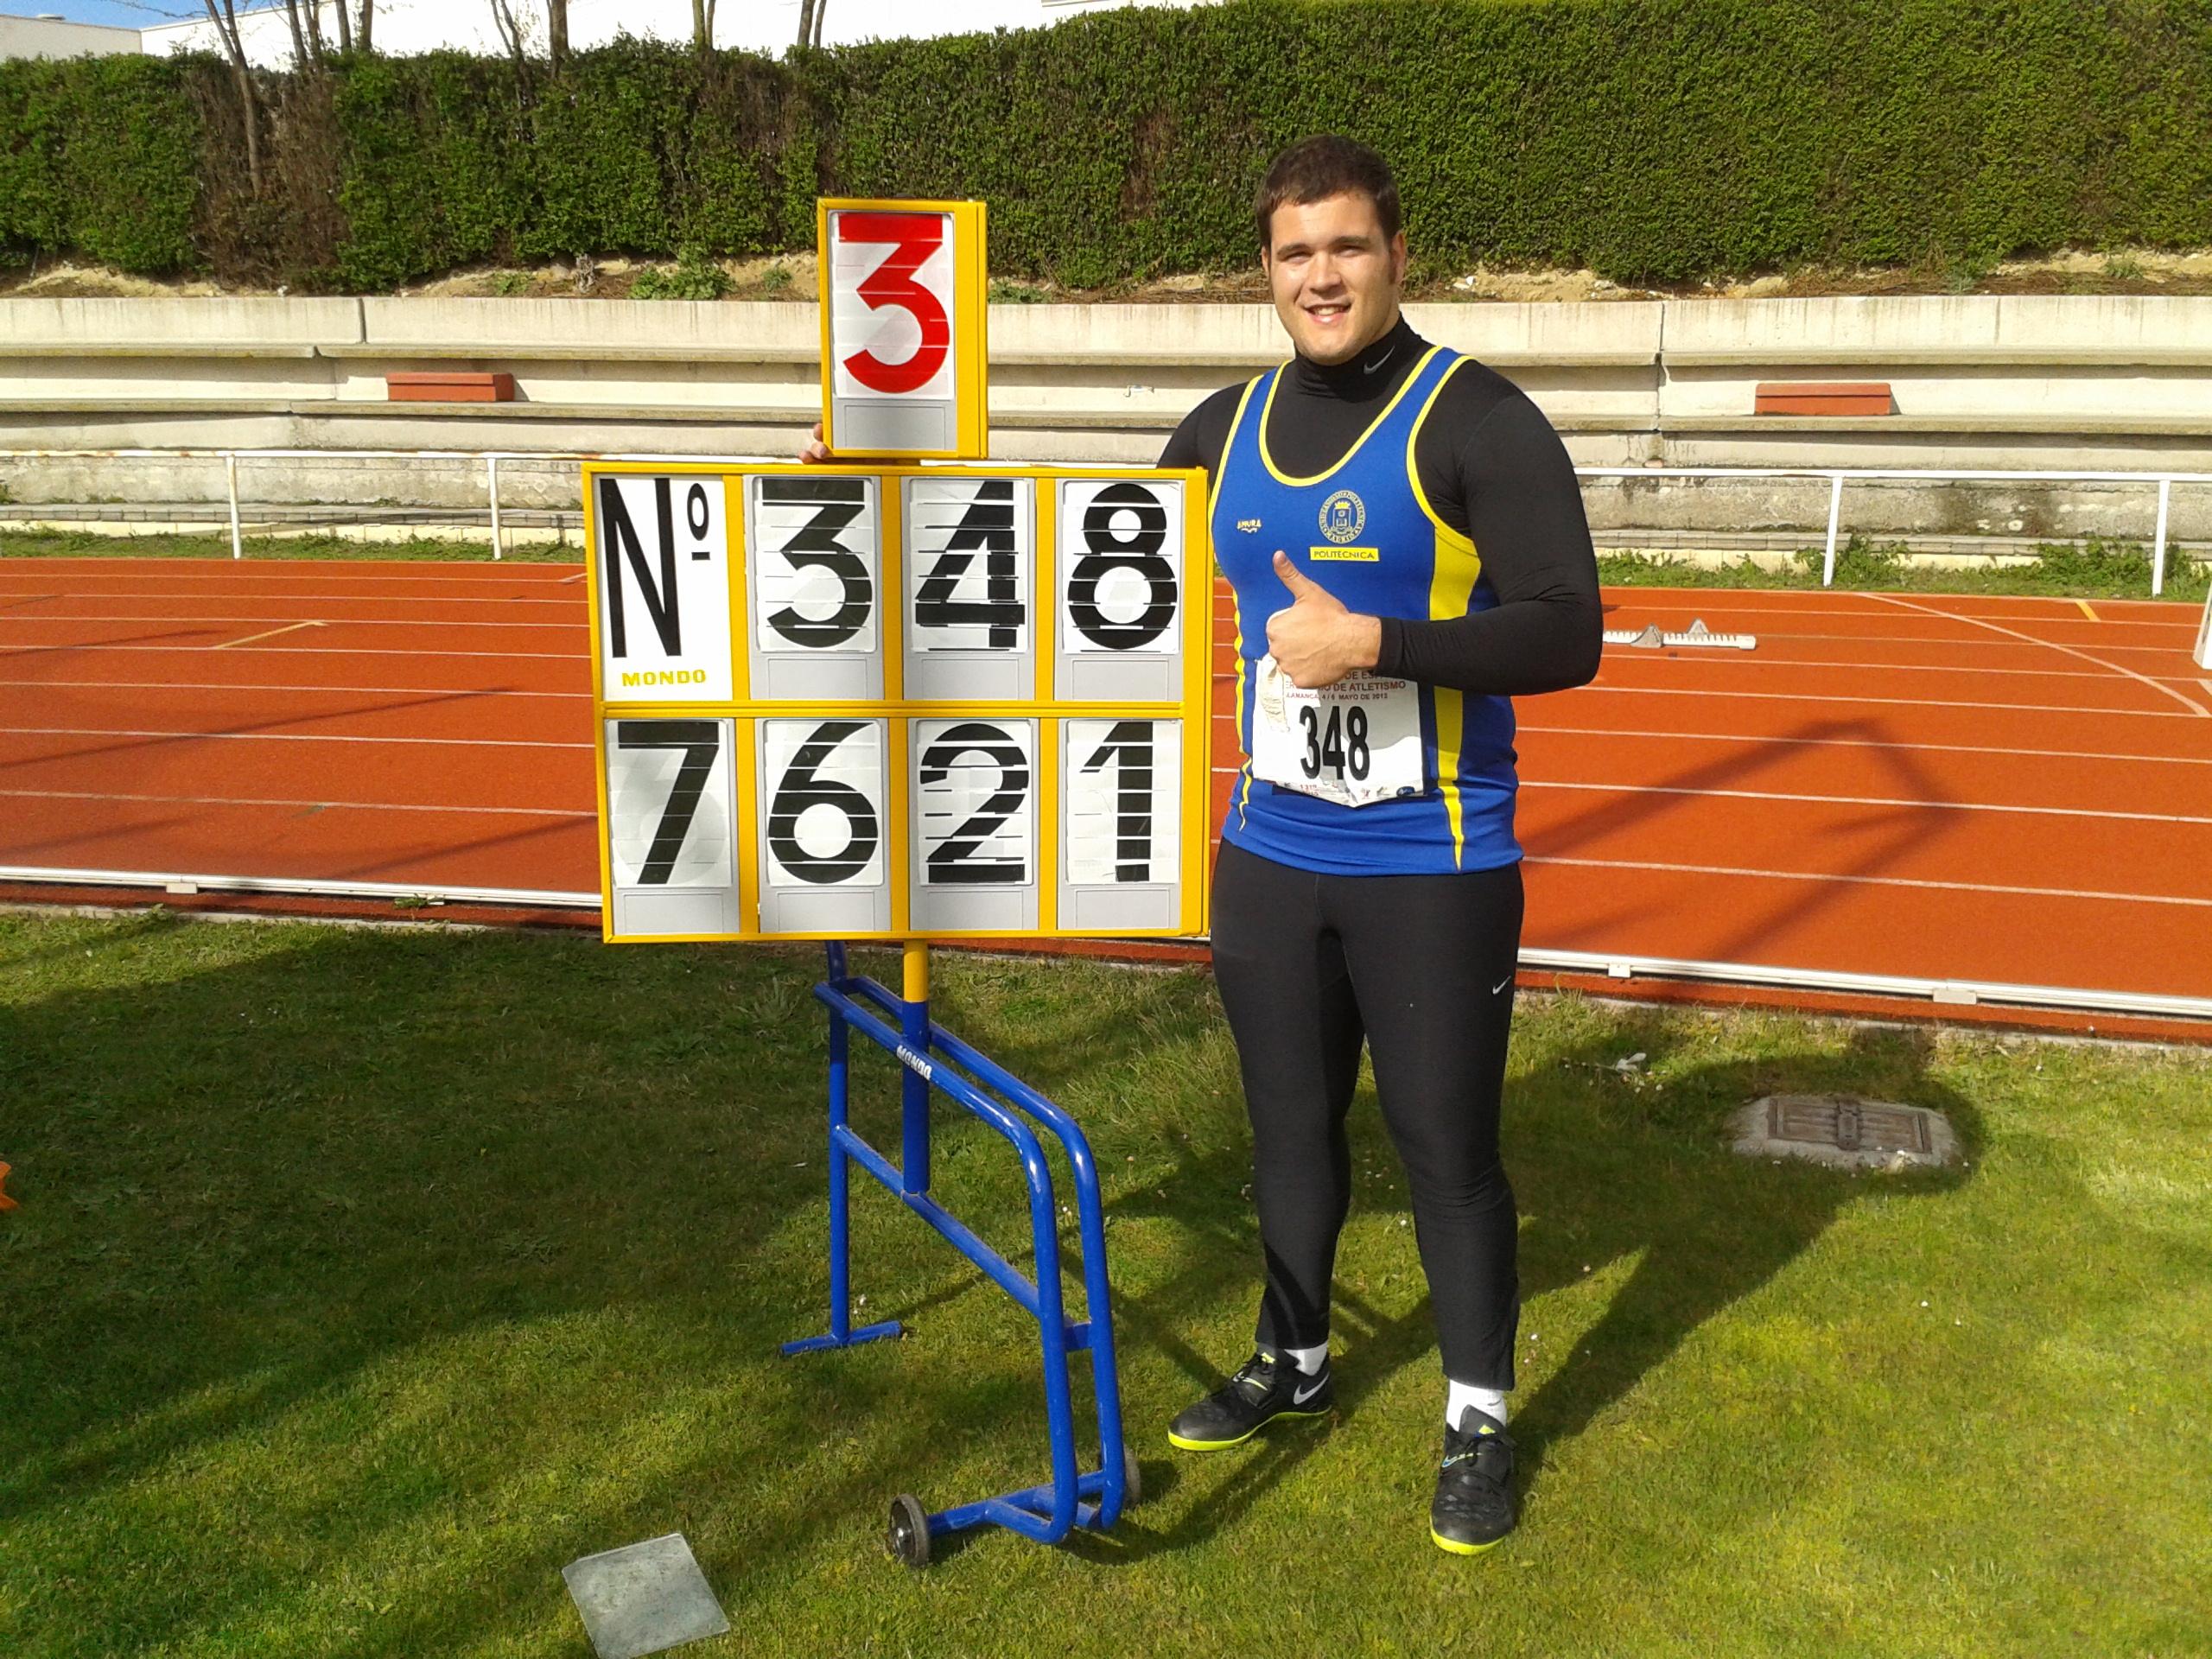 Comienzan las pruebas del LX Campeonato Universitario de Atletismo 2012, organizadas por la Universidad de Salamanca